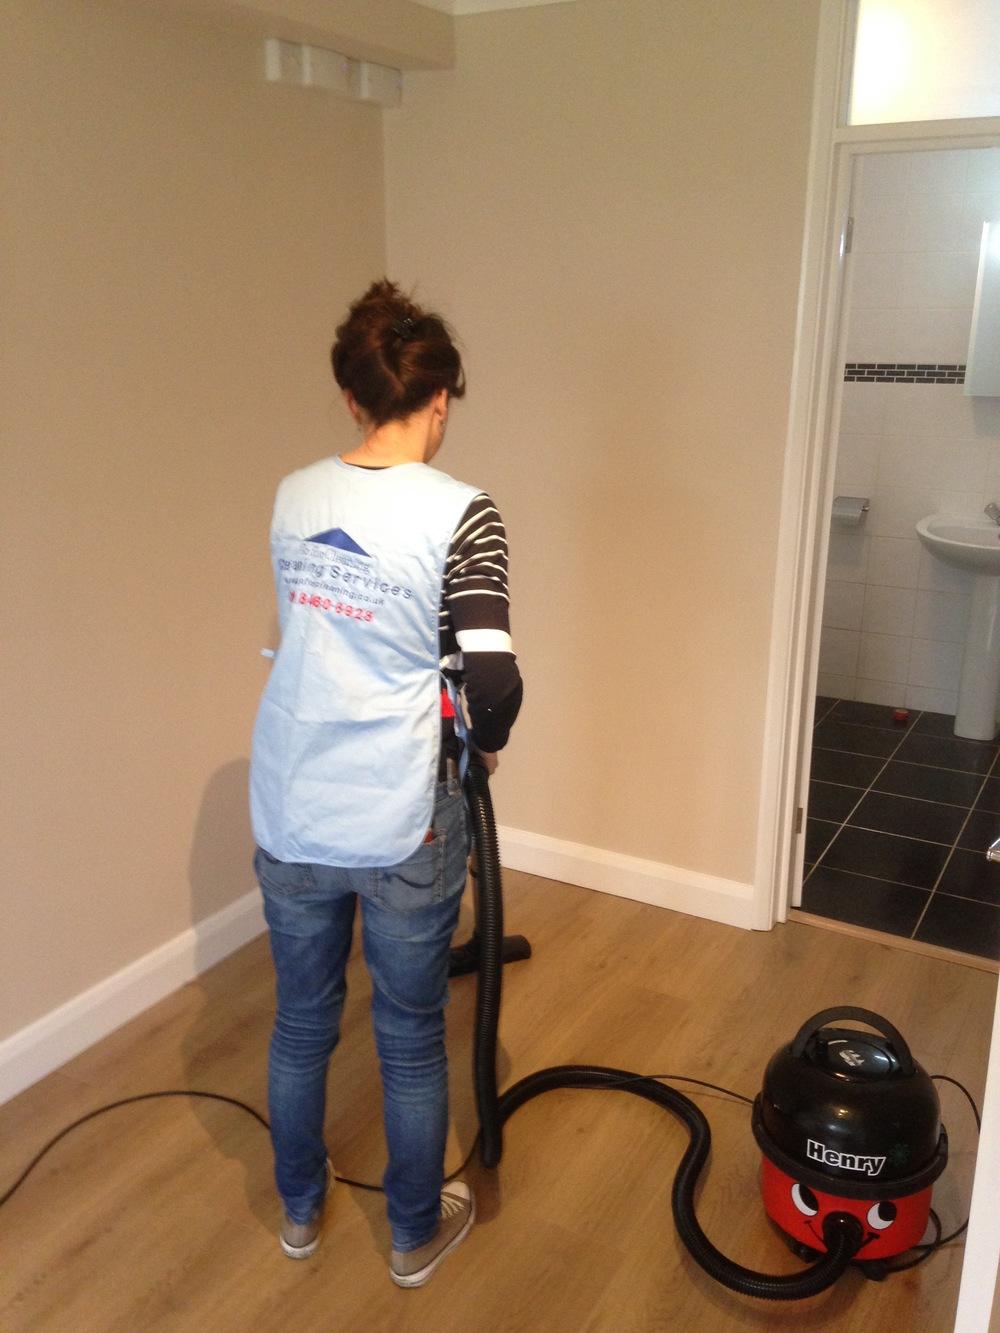 cleaner hoovering.jpg